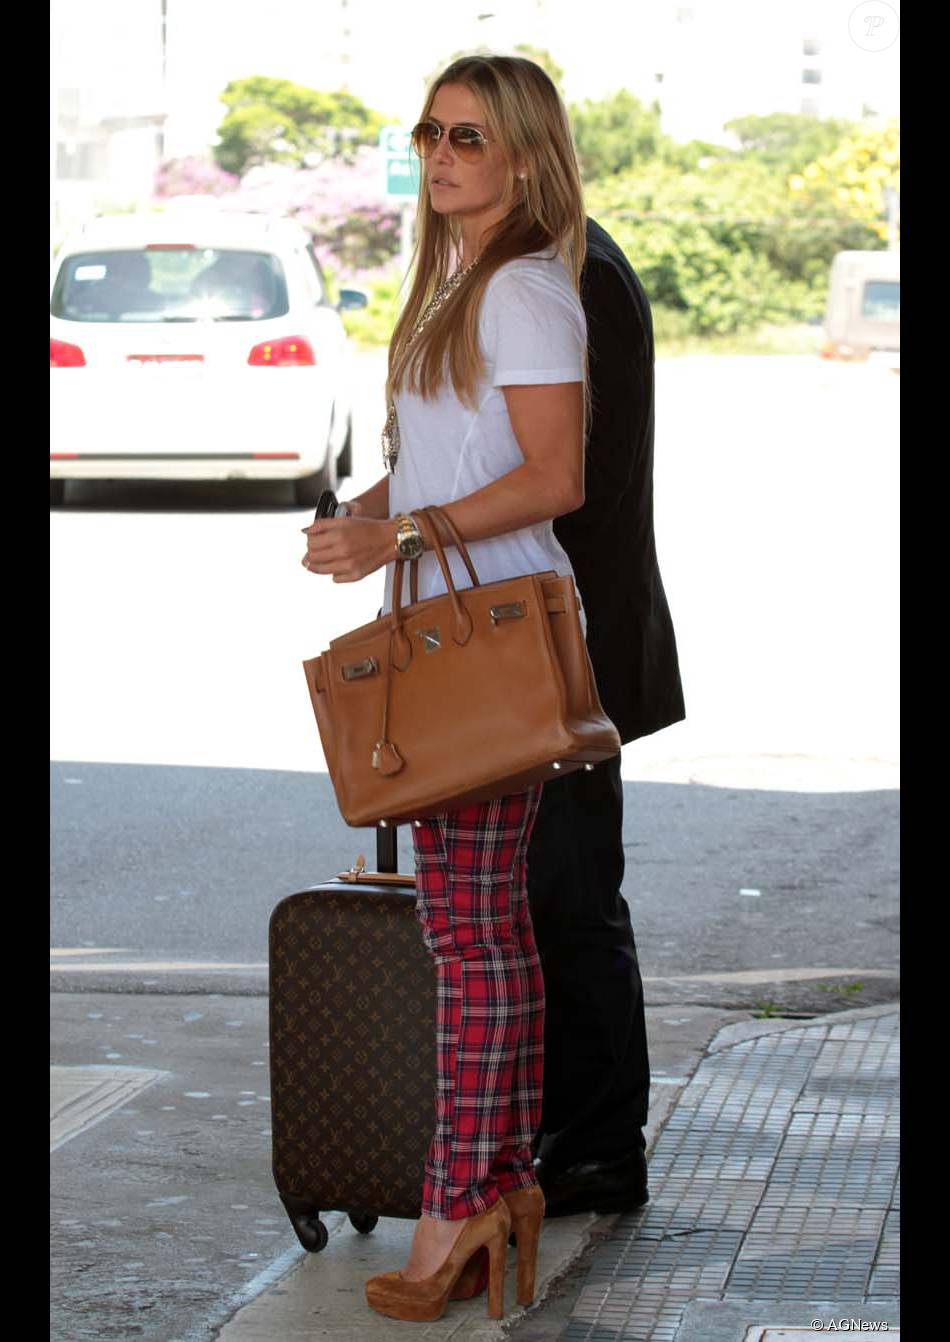 3dac4d1907af7 Quem também elegeu a bolsa Birkin da Hermès foi Deborah Secco. Em clique  mais antigo, quando ainda estava loira, a atriz foi clicada com o modelo e  uma mala ...